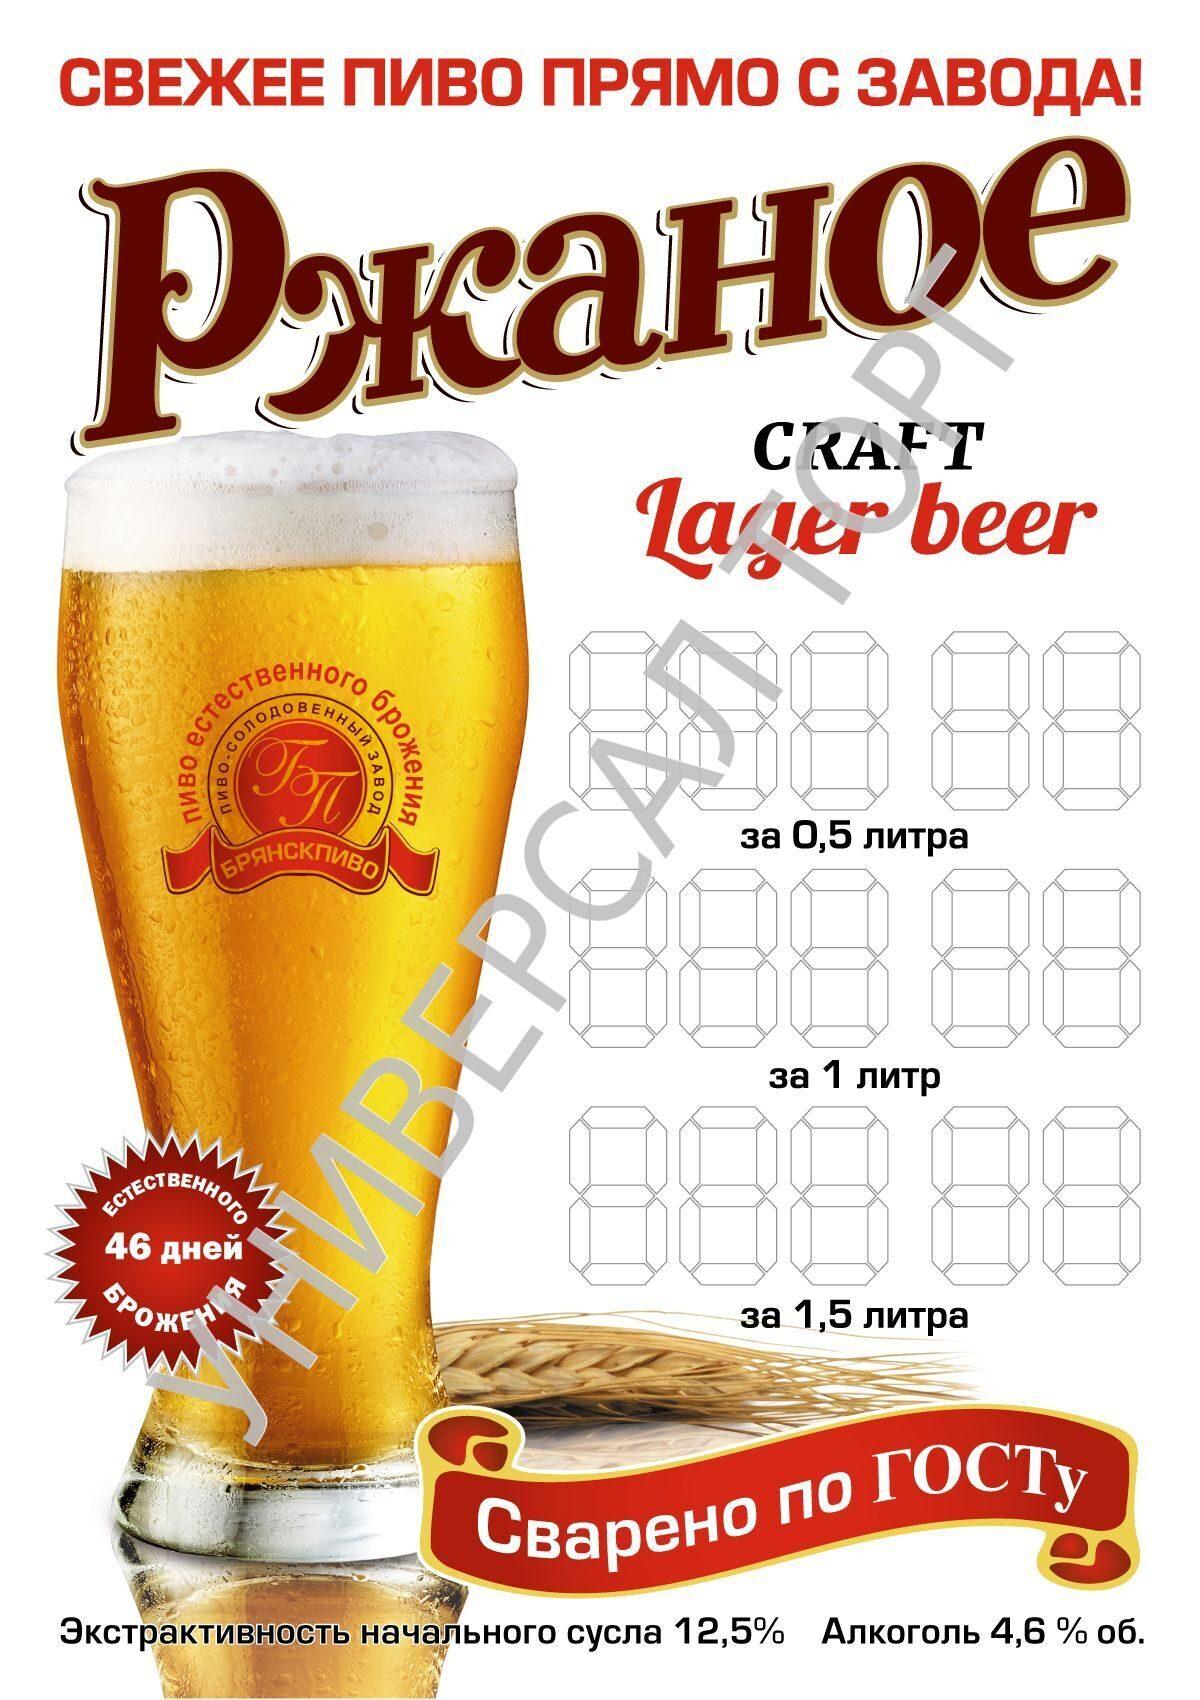 Ценники на разливное пиво